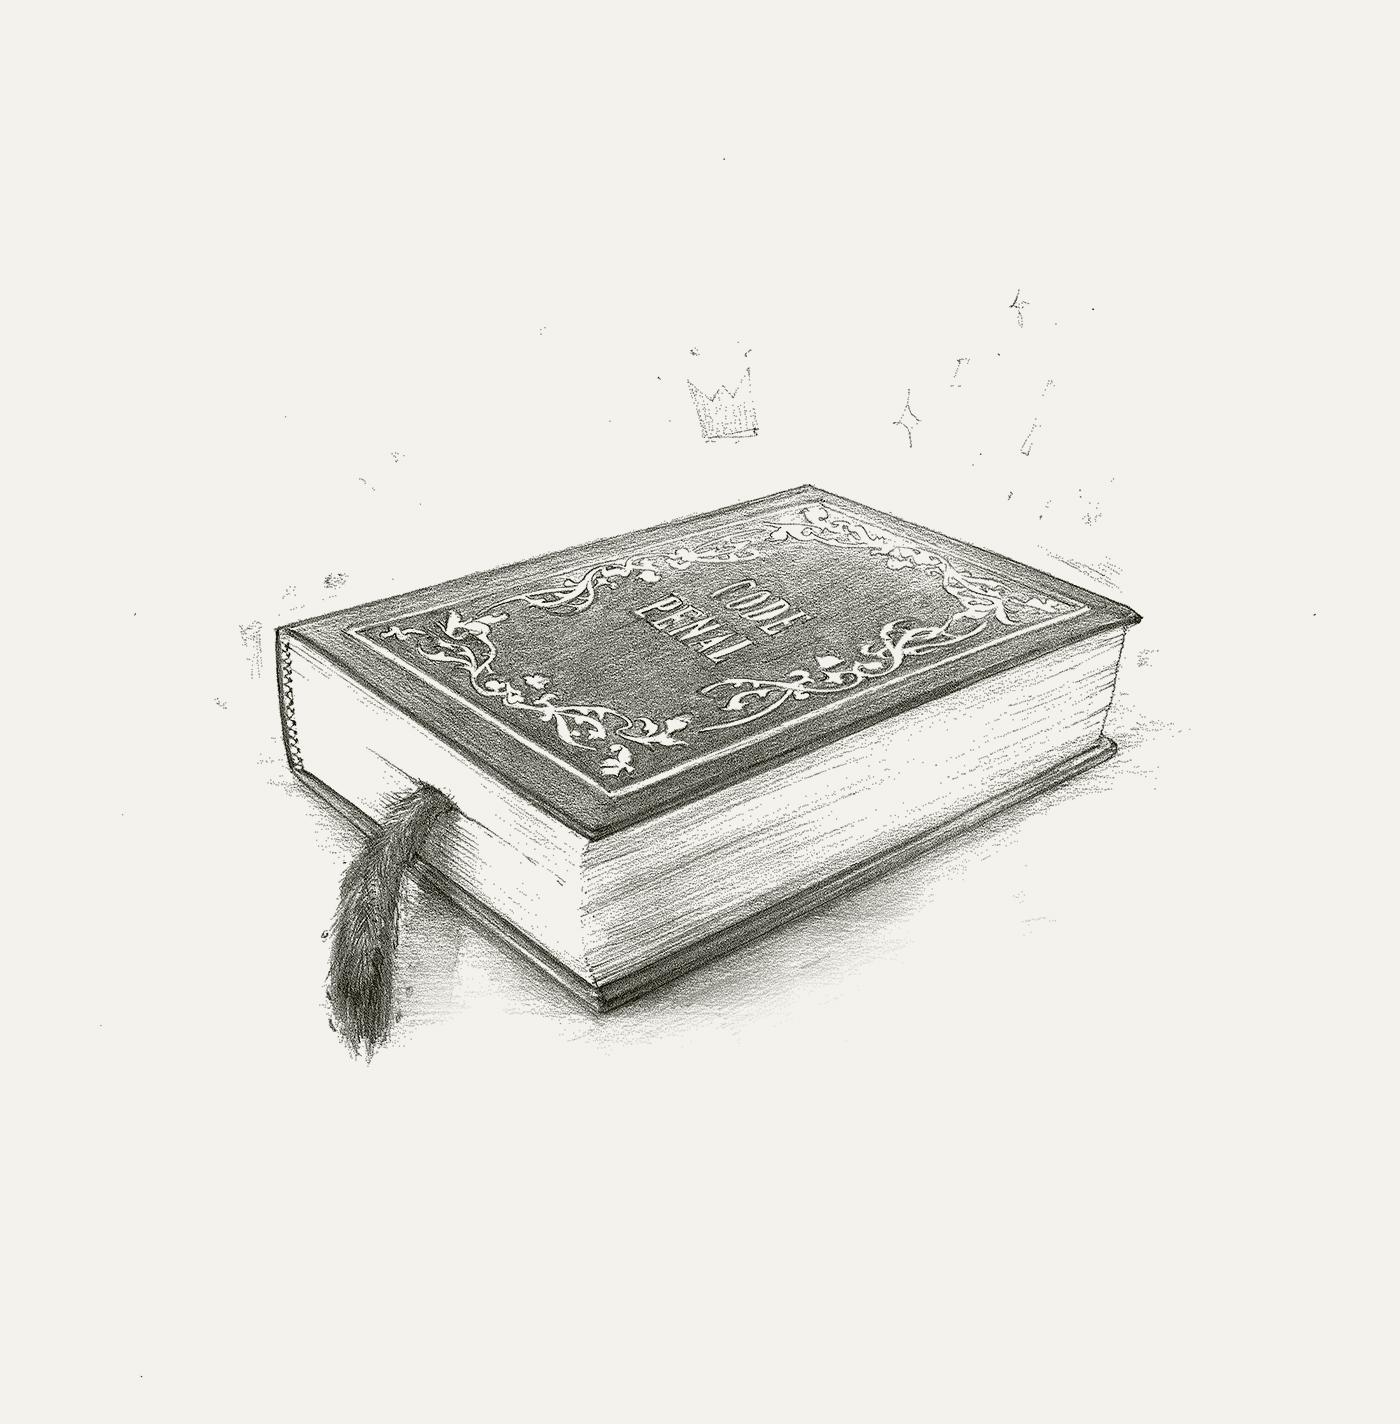 Illustrations d'Amaury Botrel sur le thème de la libération animale.